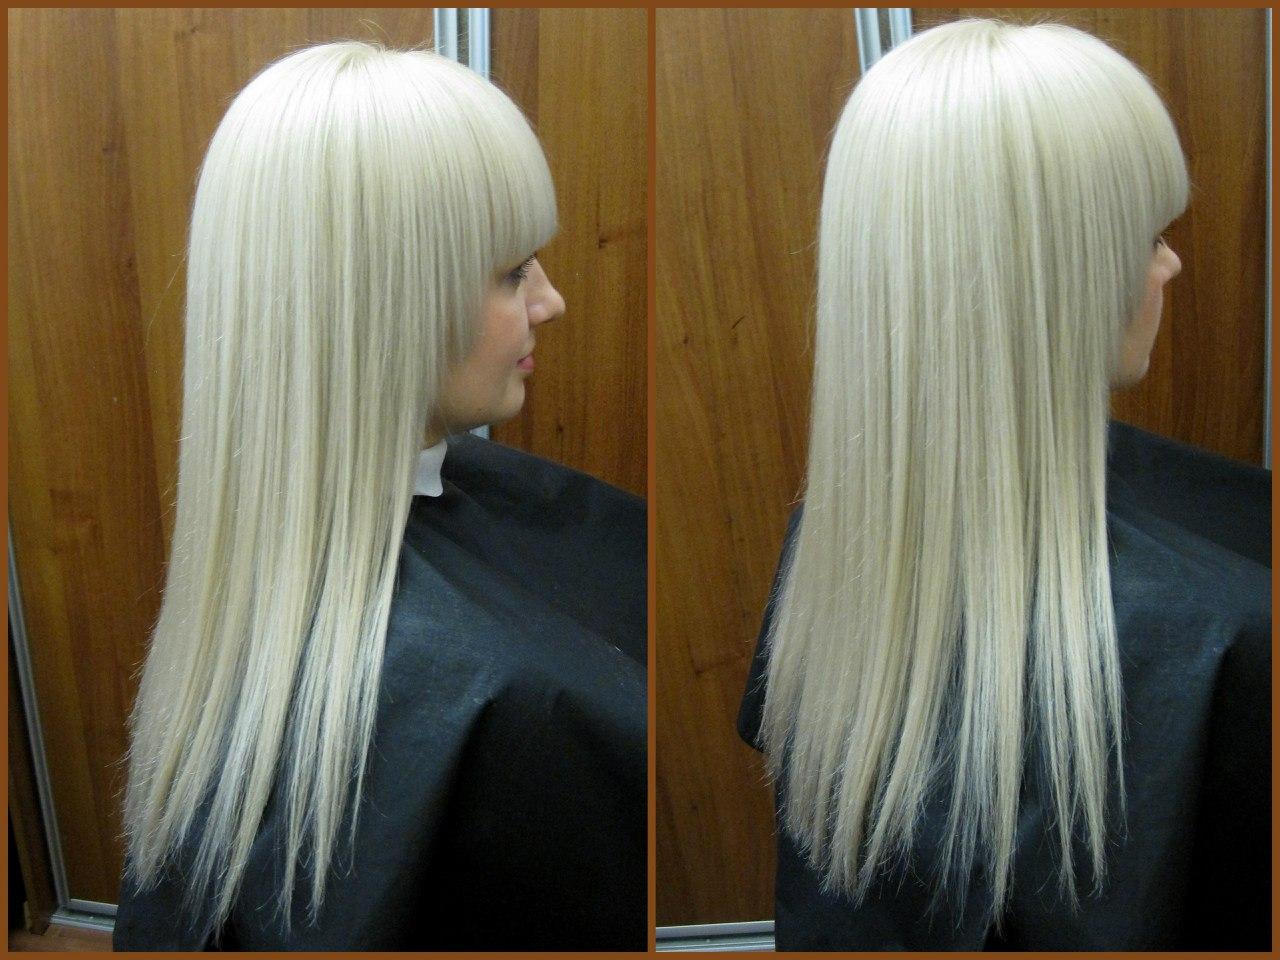 Окрашивание волос после осветления волос